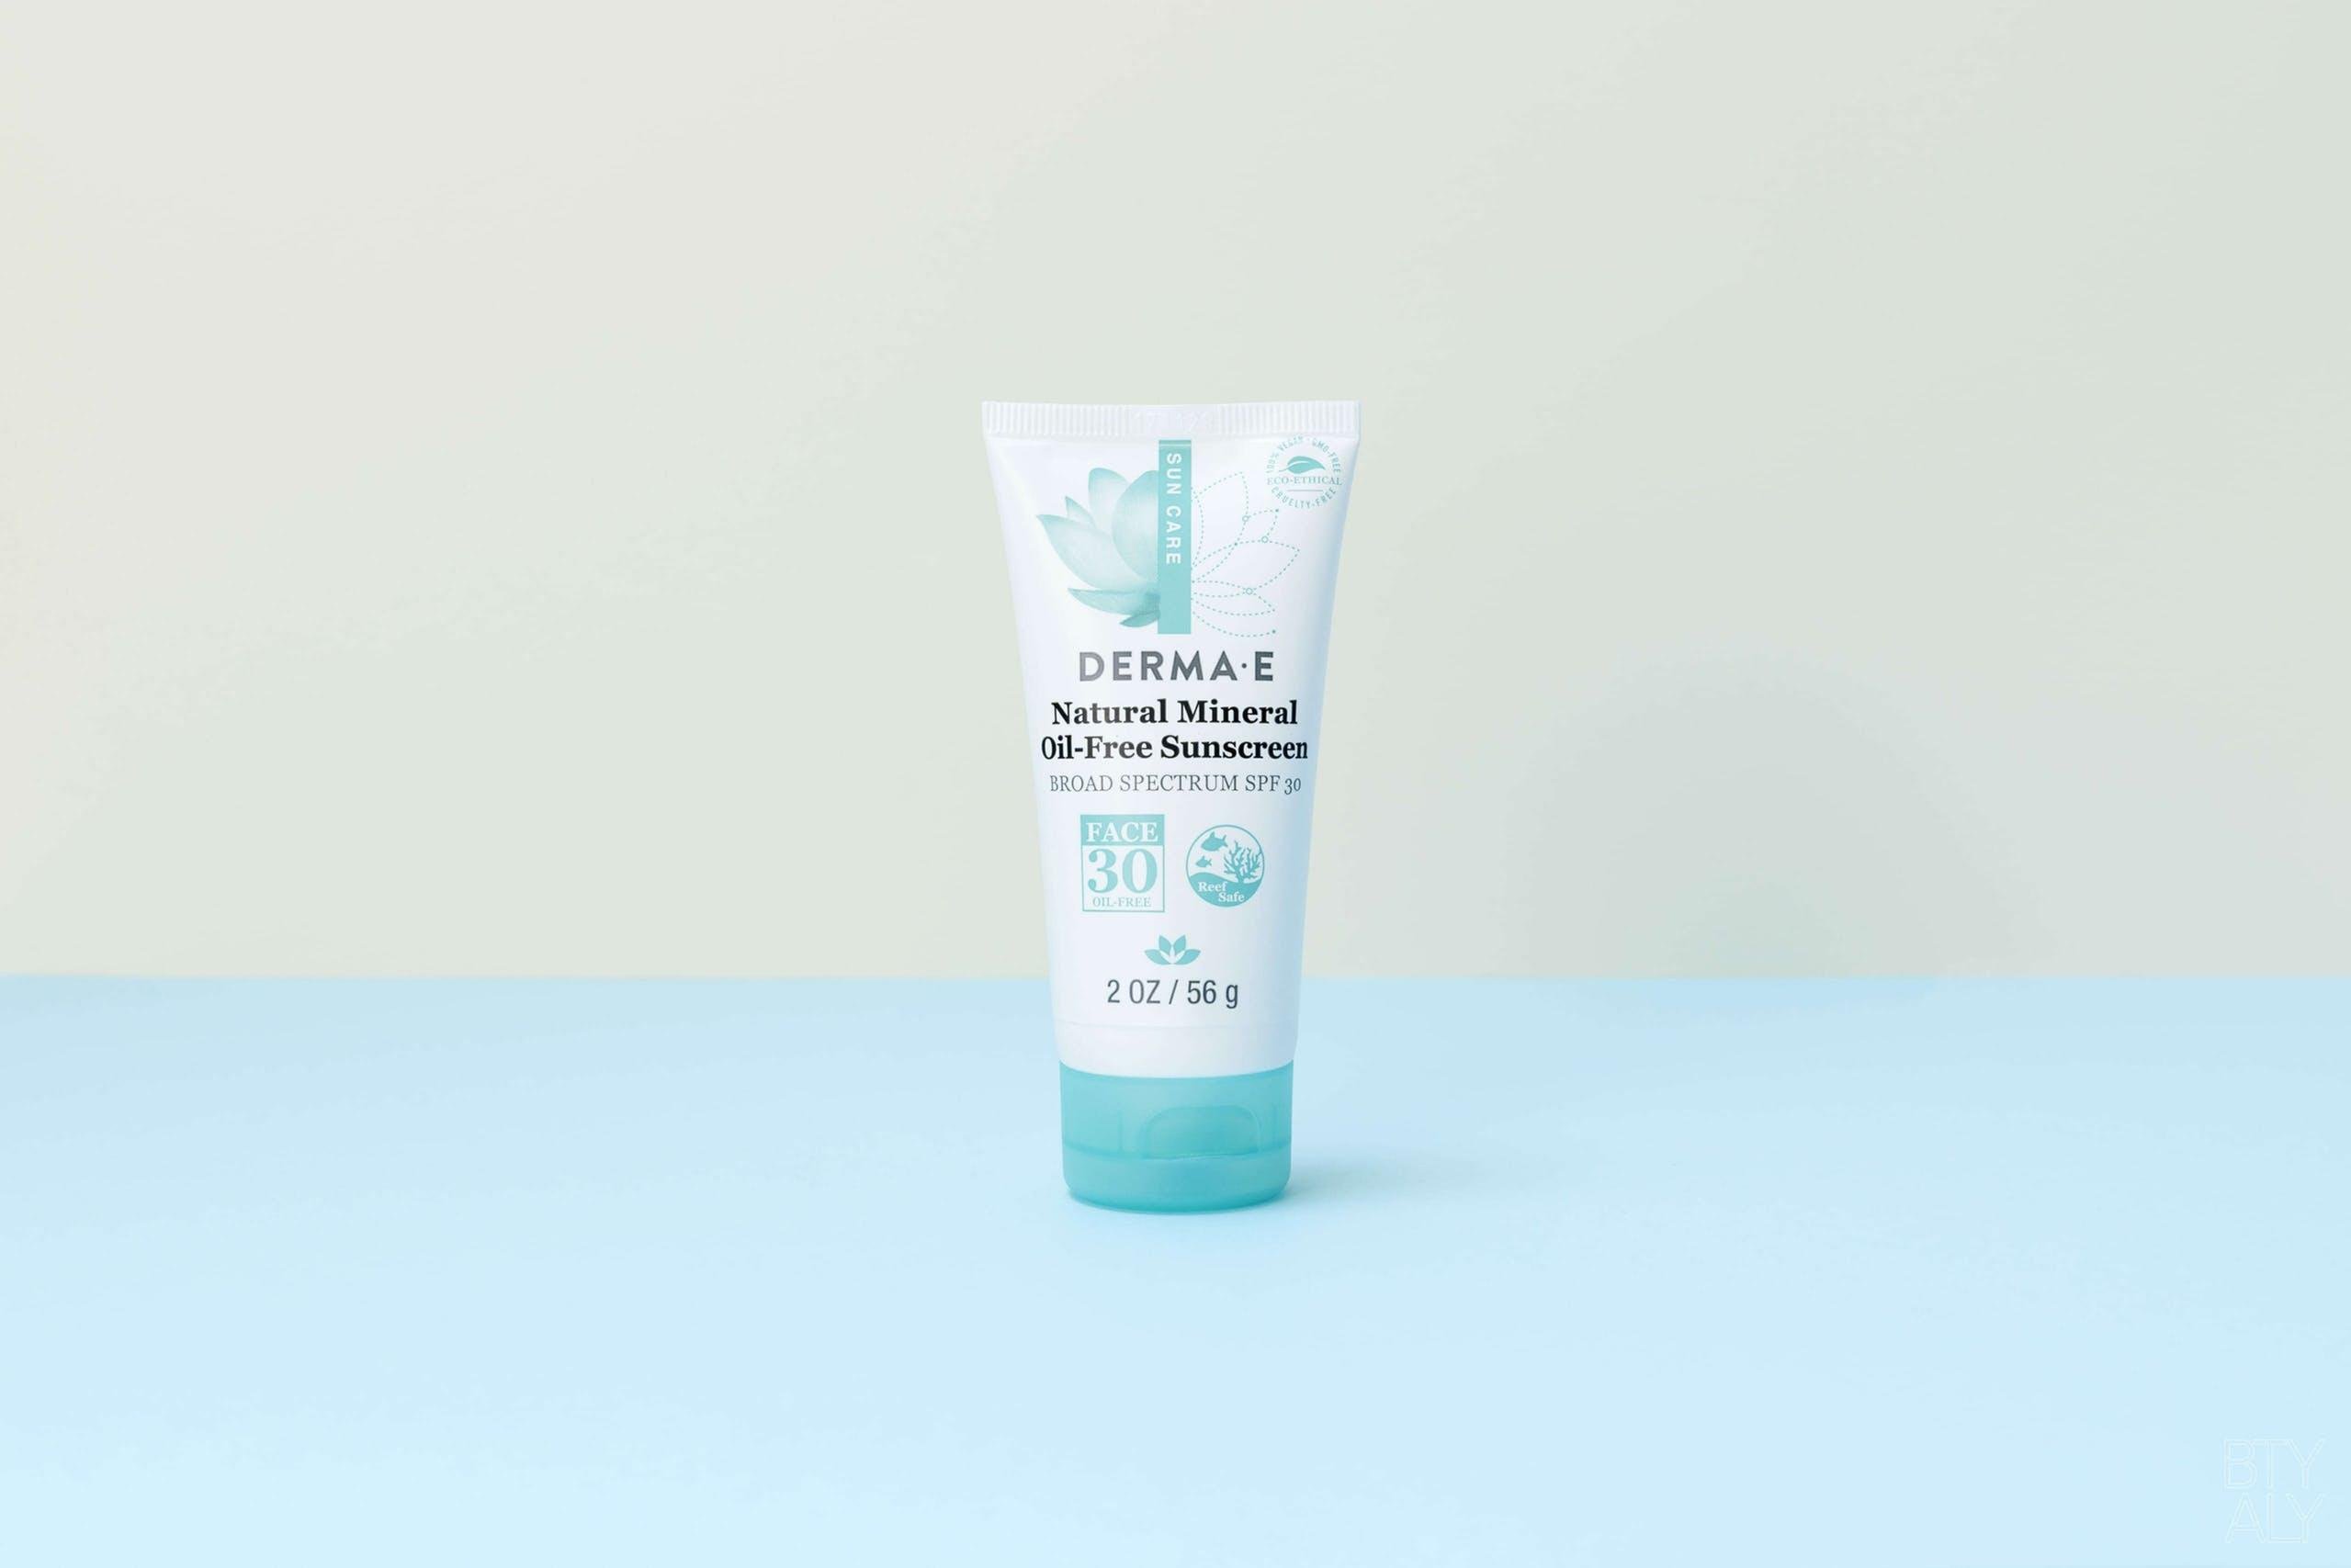 Kem chống nắng Derma e Antioxidant Natural Sunscreen SPF 30